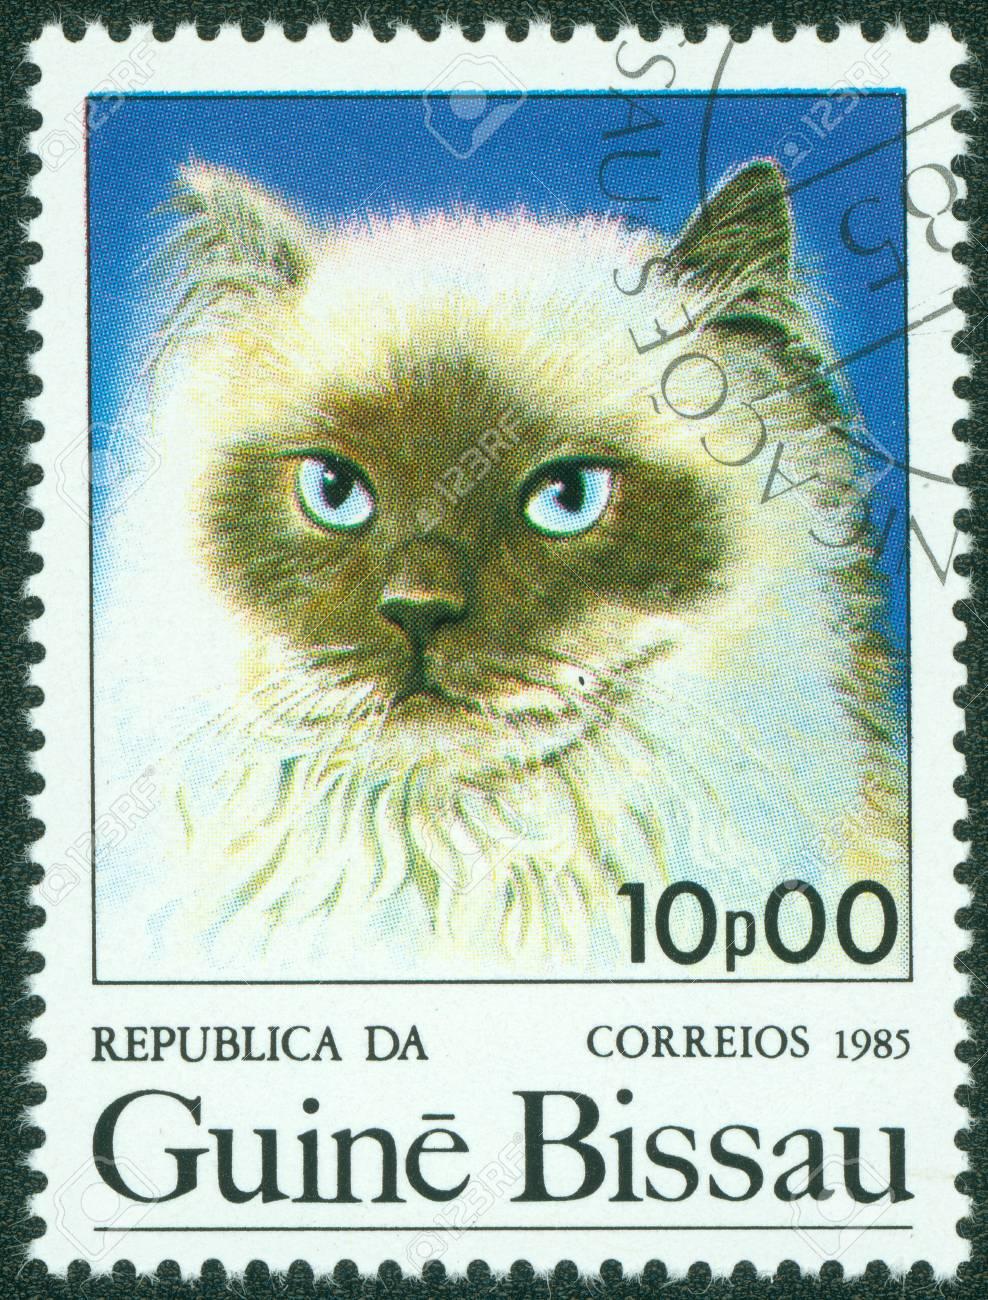 GUINEA - CIRCA 1985  A stamp printed in Guinea shows cat, circa 1985  Stock Photo - 15854912